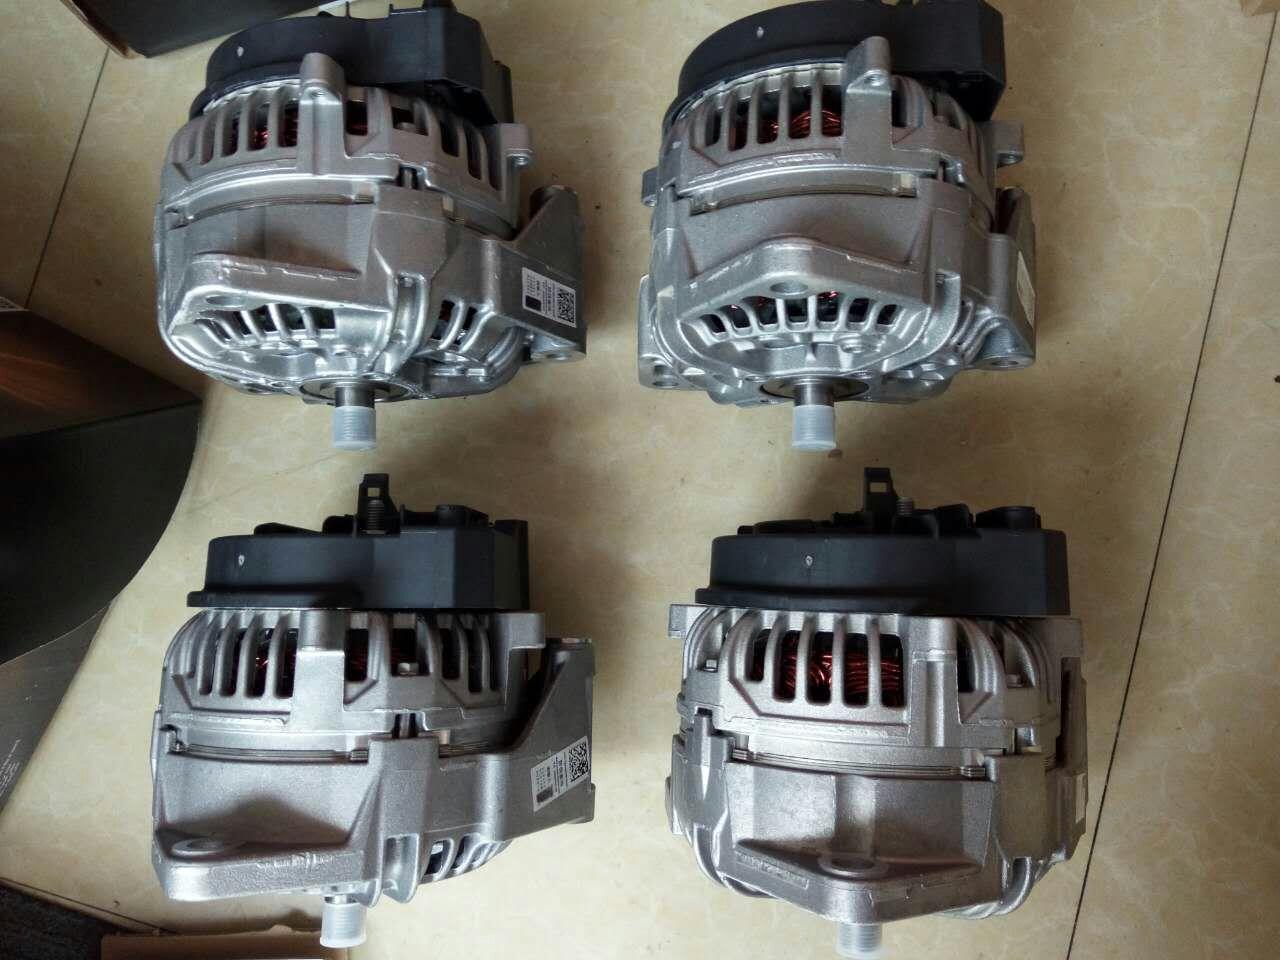 电磁阀,传感器,继电器,压力开关,机油/水温感应器,各种工程机械车用图片